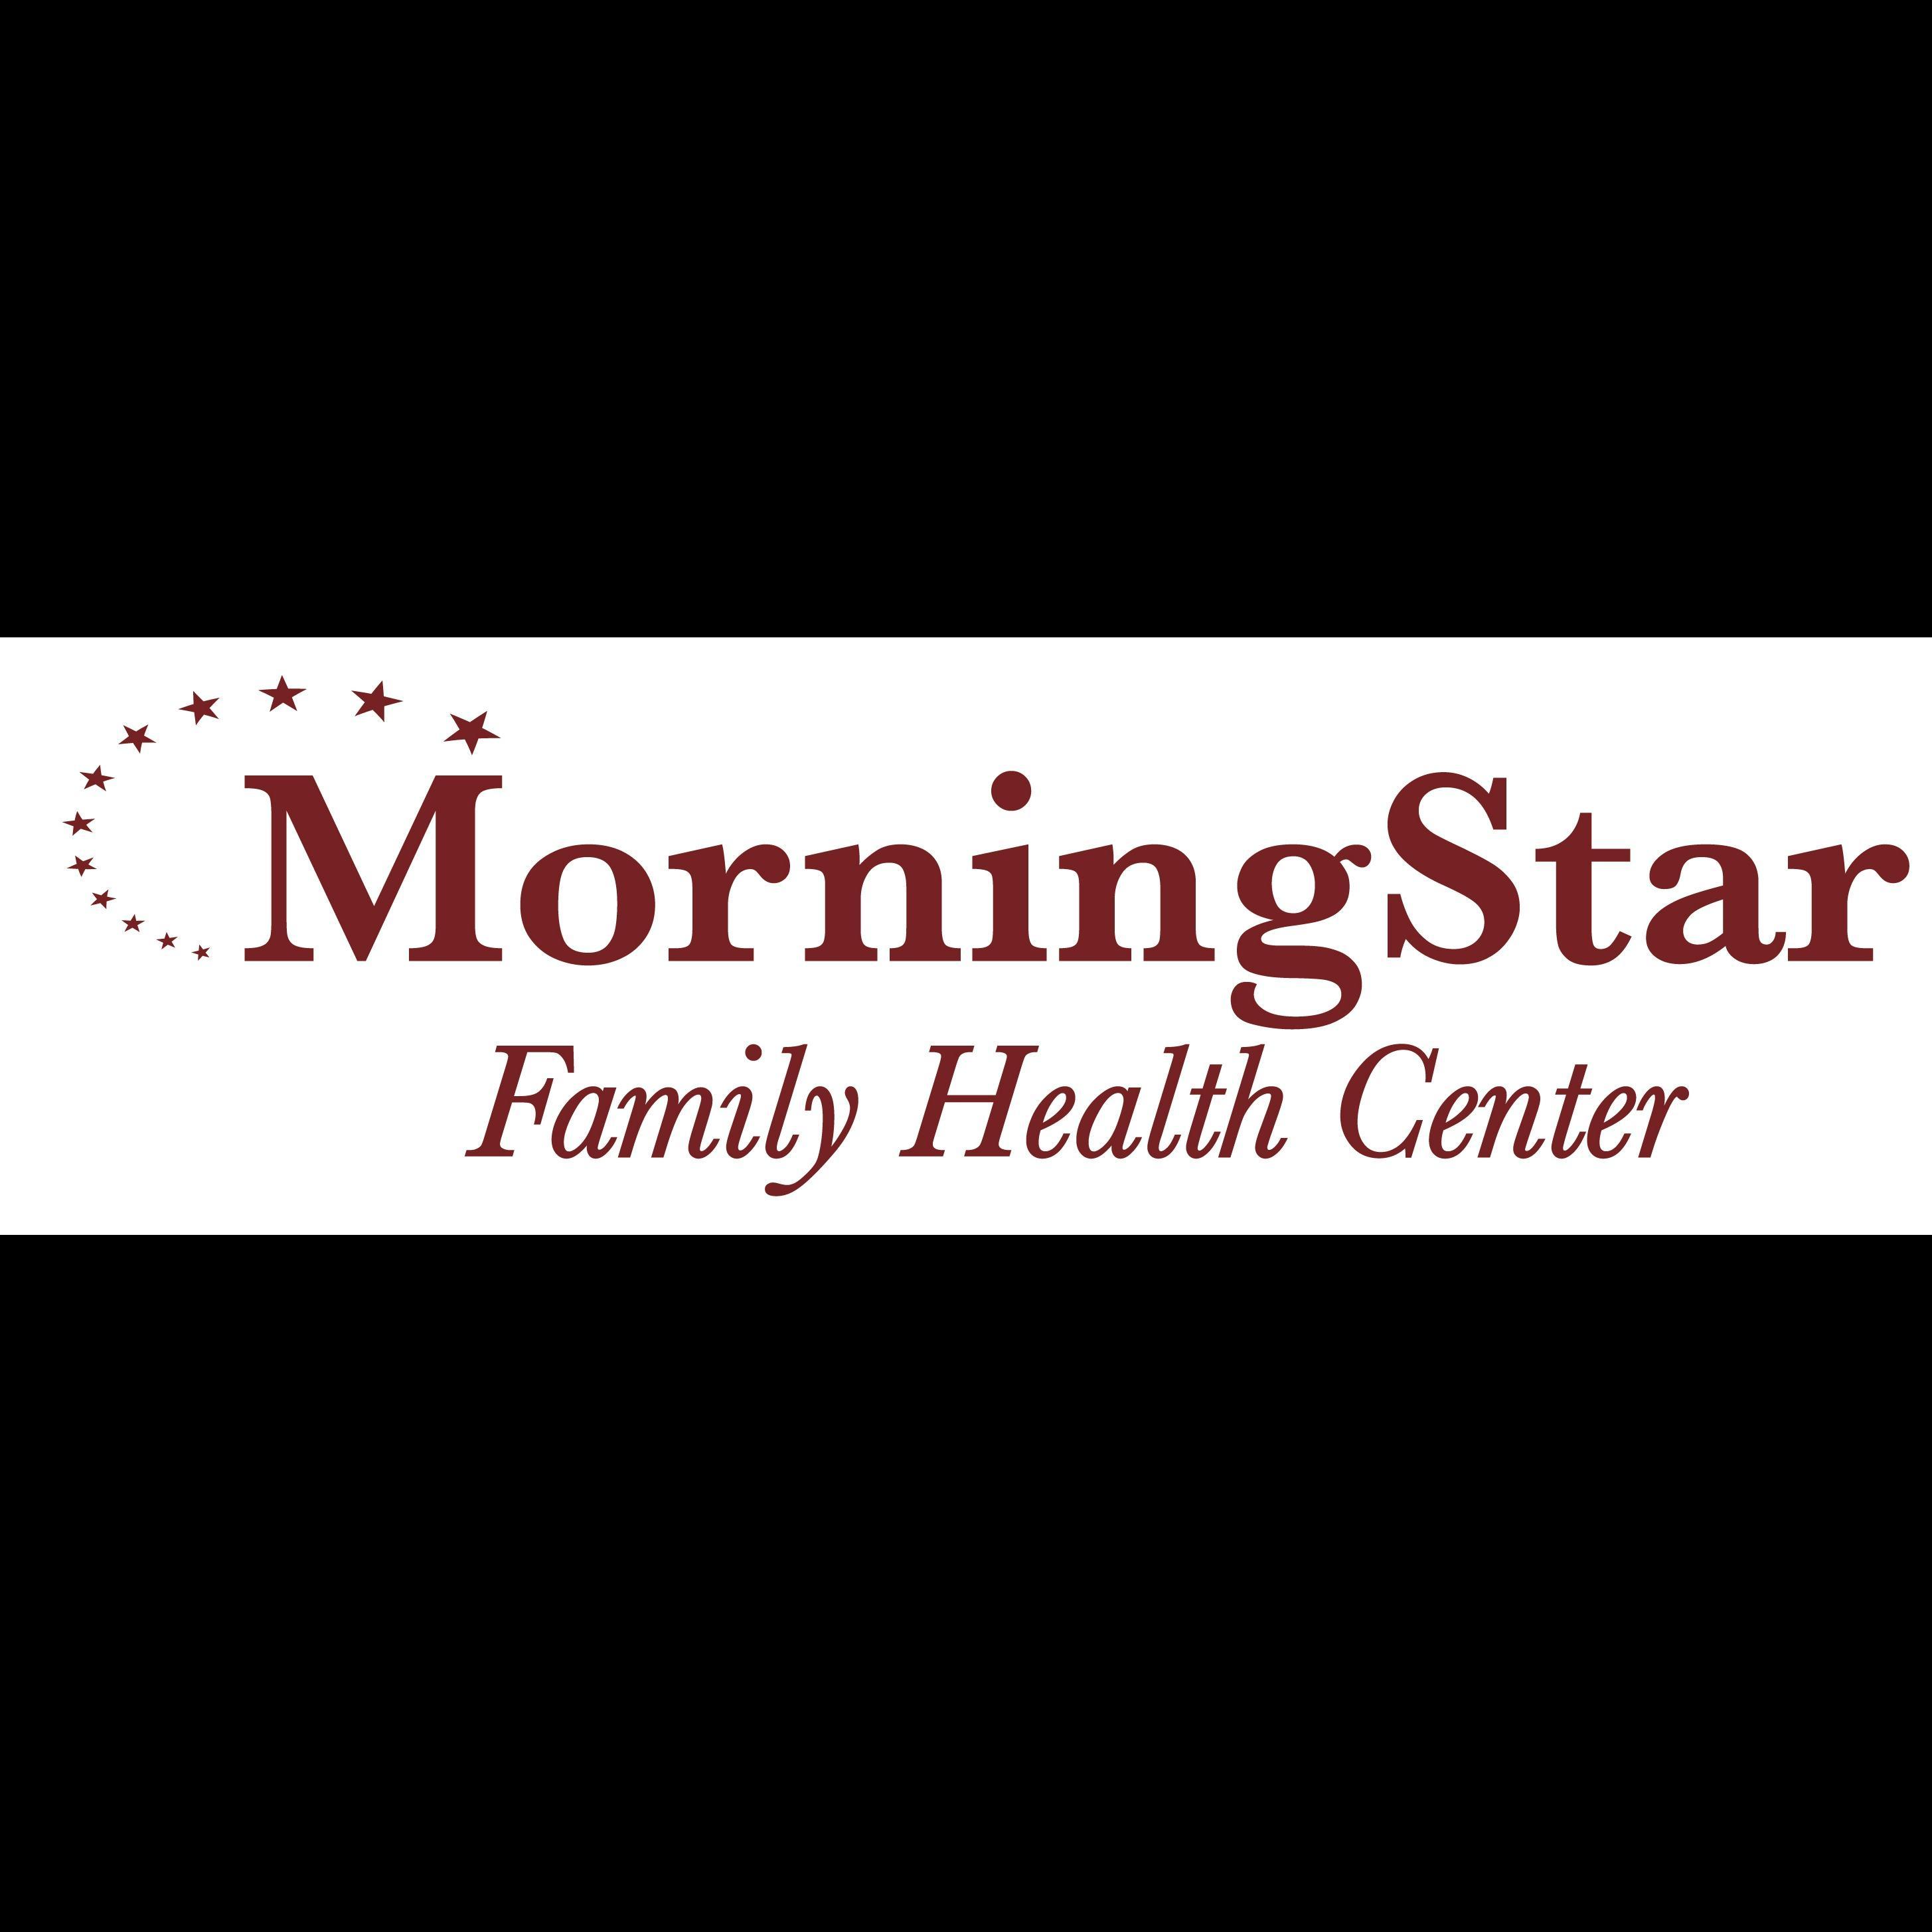 MorningStar Family Health Center image 2